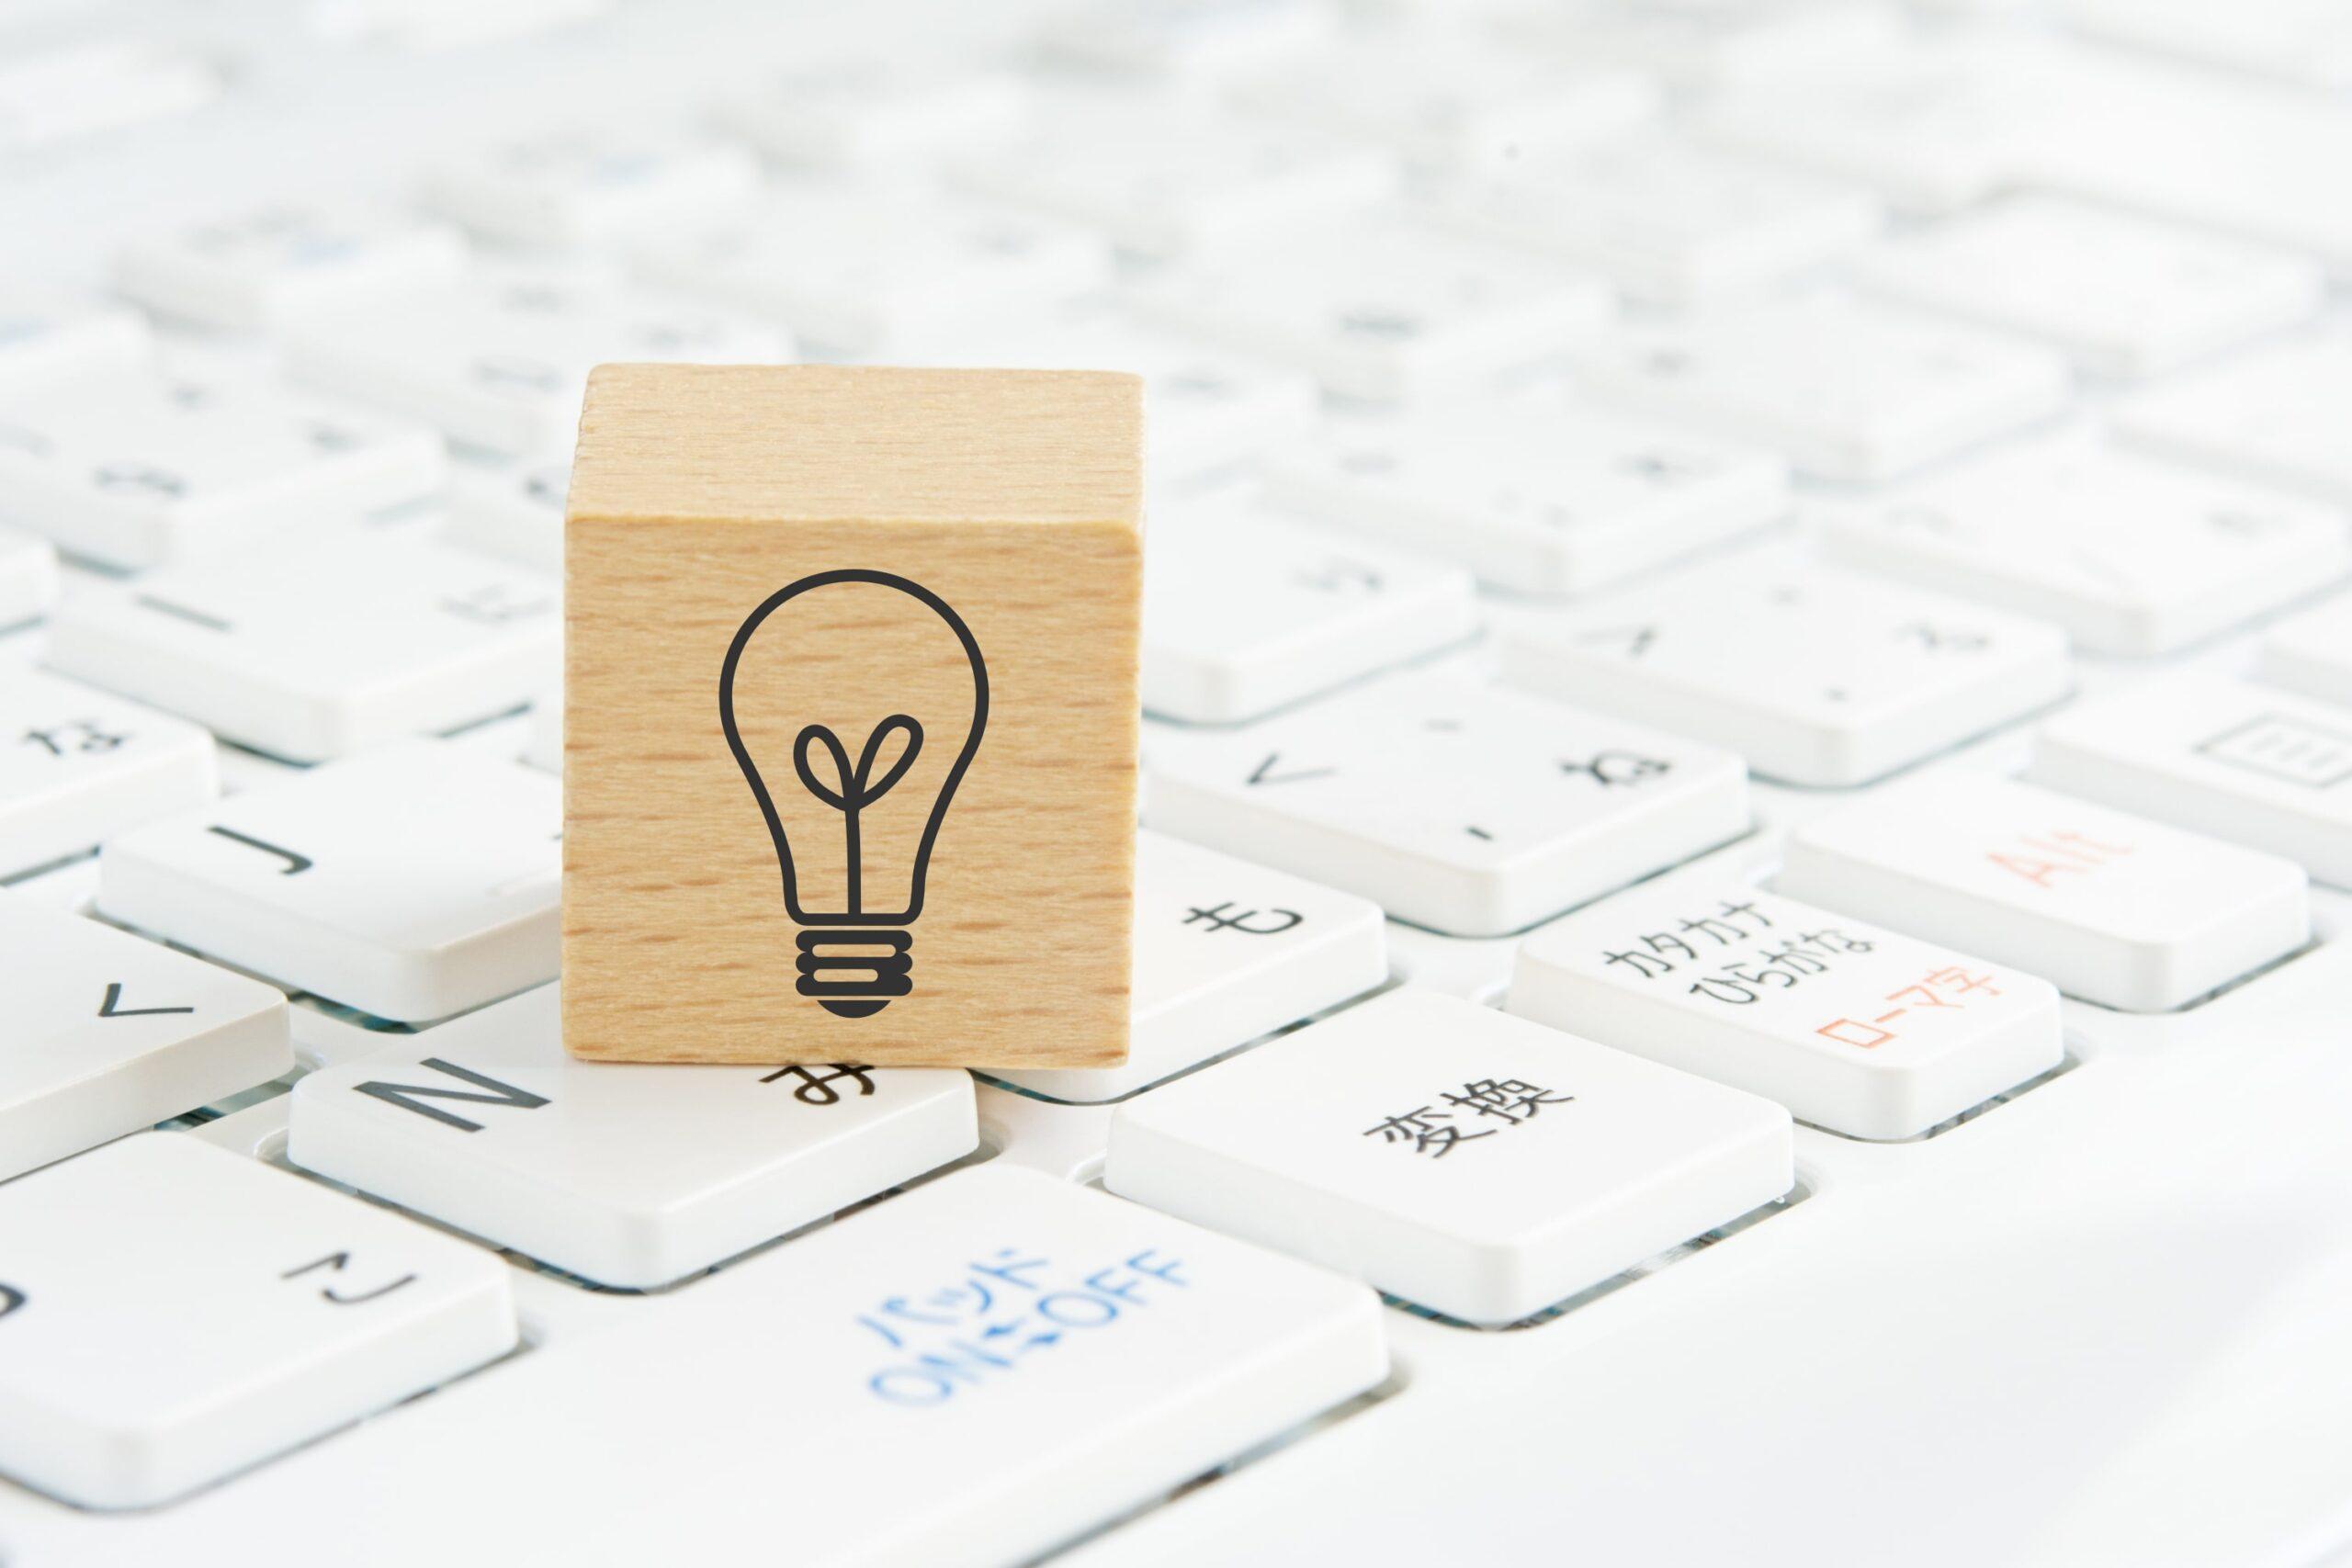 「光熱費を抑えよう!業務用エアコンの消費電力を下げる方法を解説!」を公開しました。